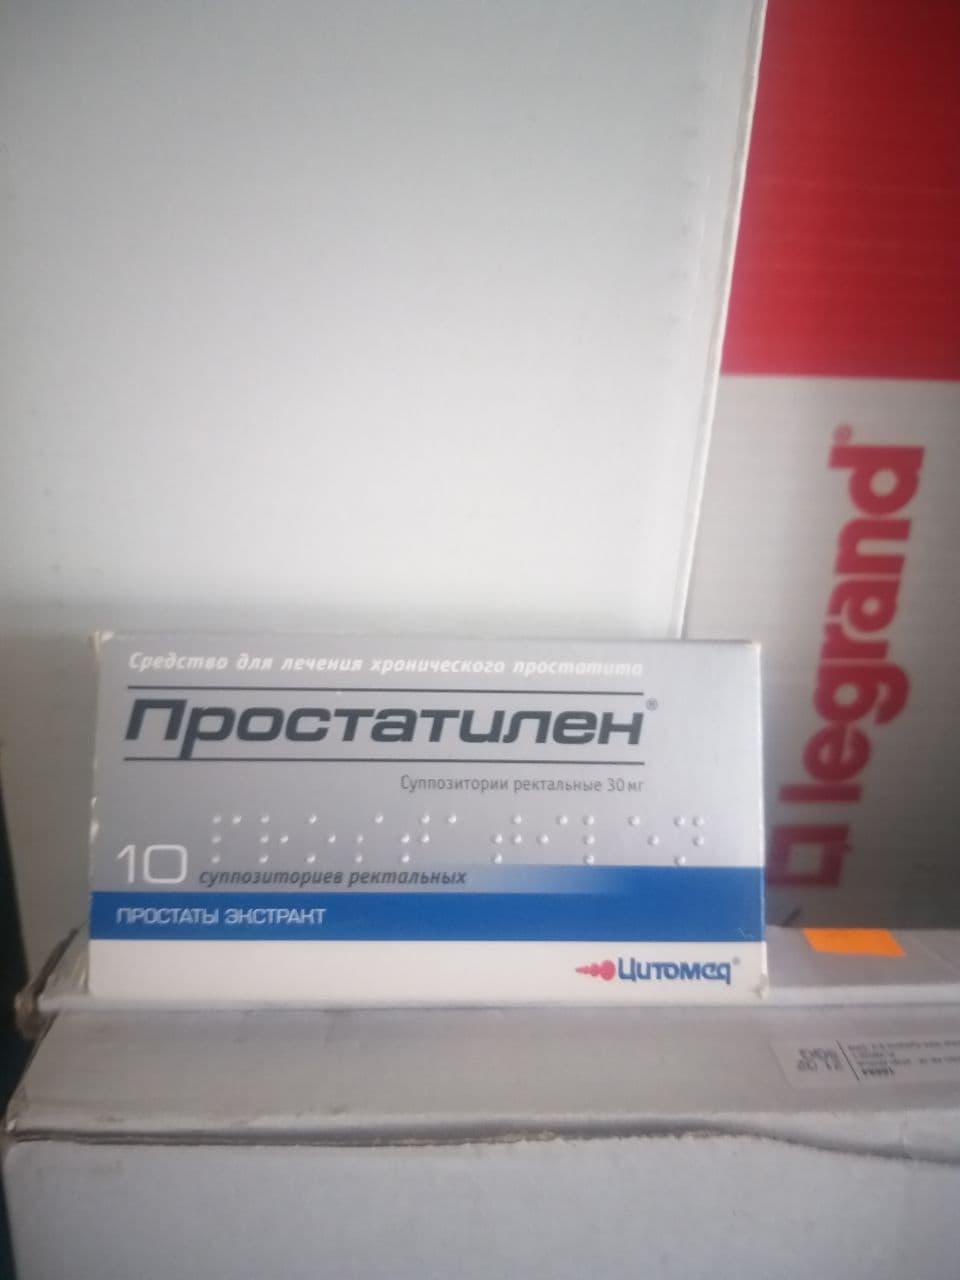 Простатилен - Препаратом доволен